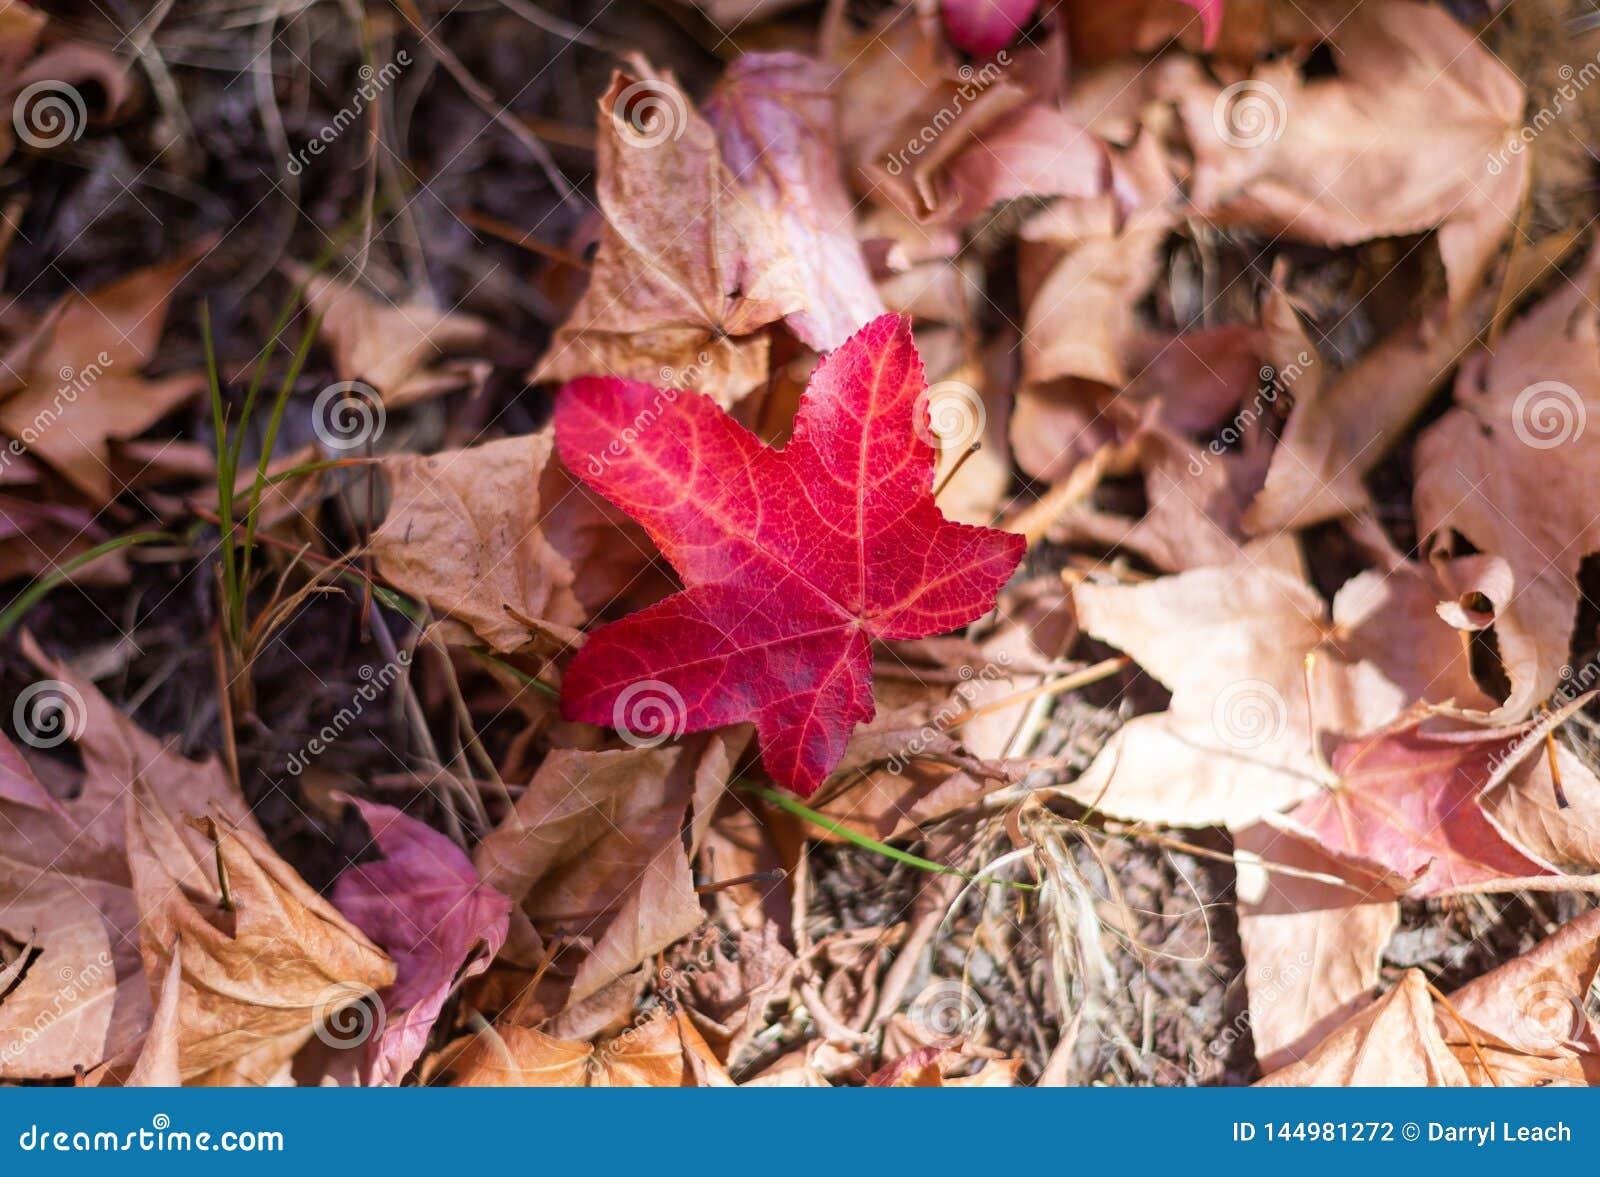 Una hoja roja en la tierra durante temporada de otoño del otoño en el sur de Australia alto de los jardines botánicos del soporte